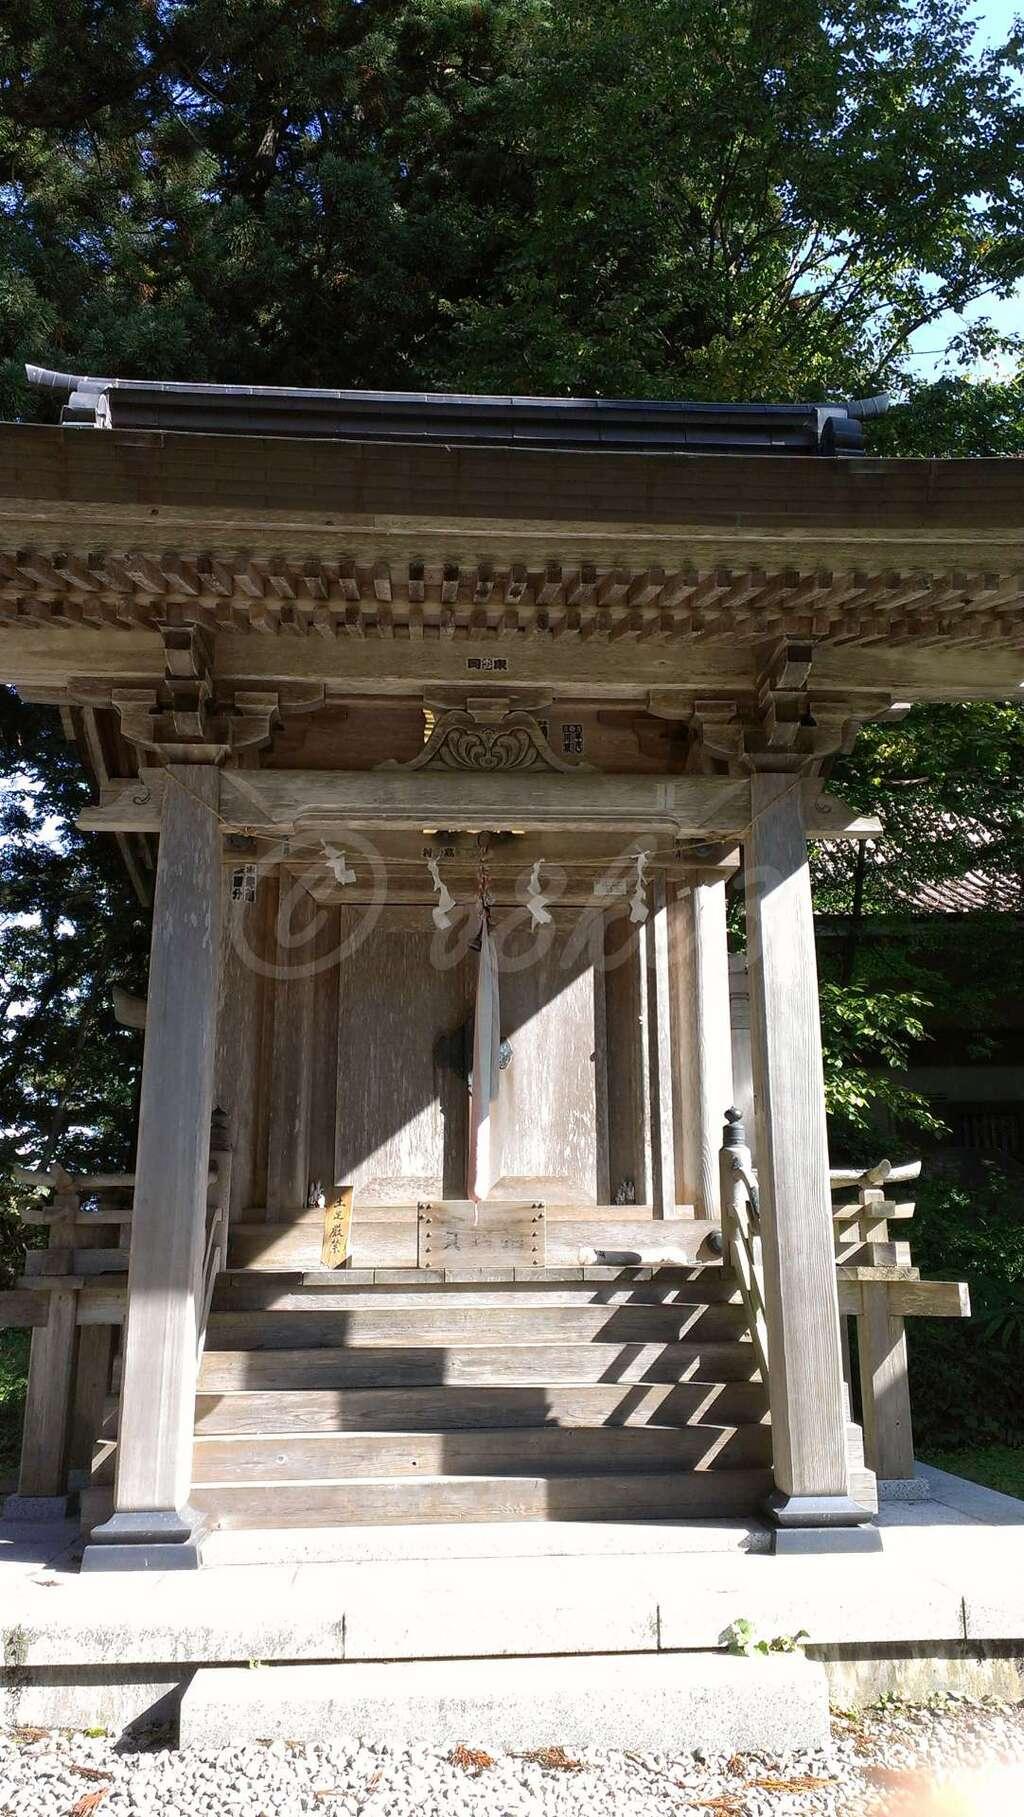 出羽神社(出羽三山神社)~三神合祭殿~の末社